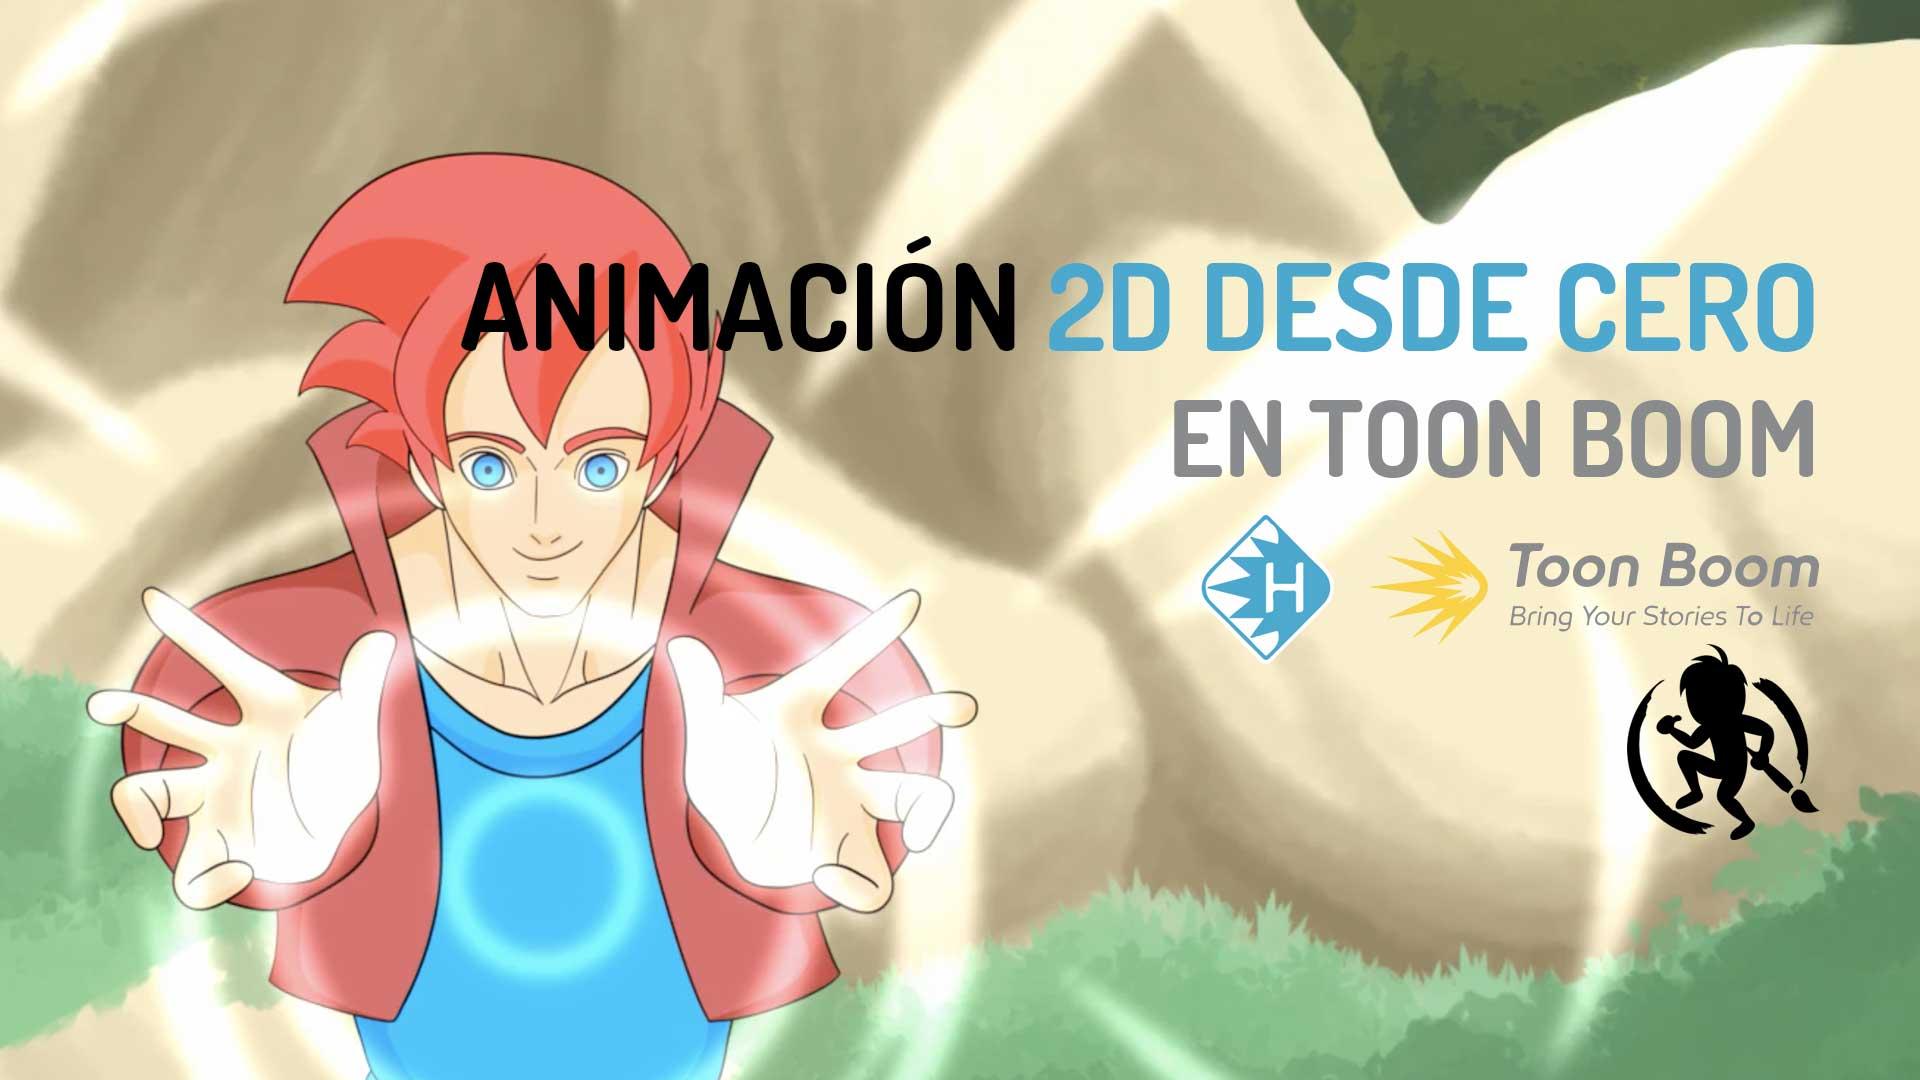 Animacion 2D desde cero en Toon Boom